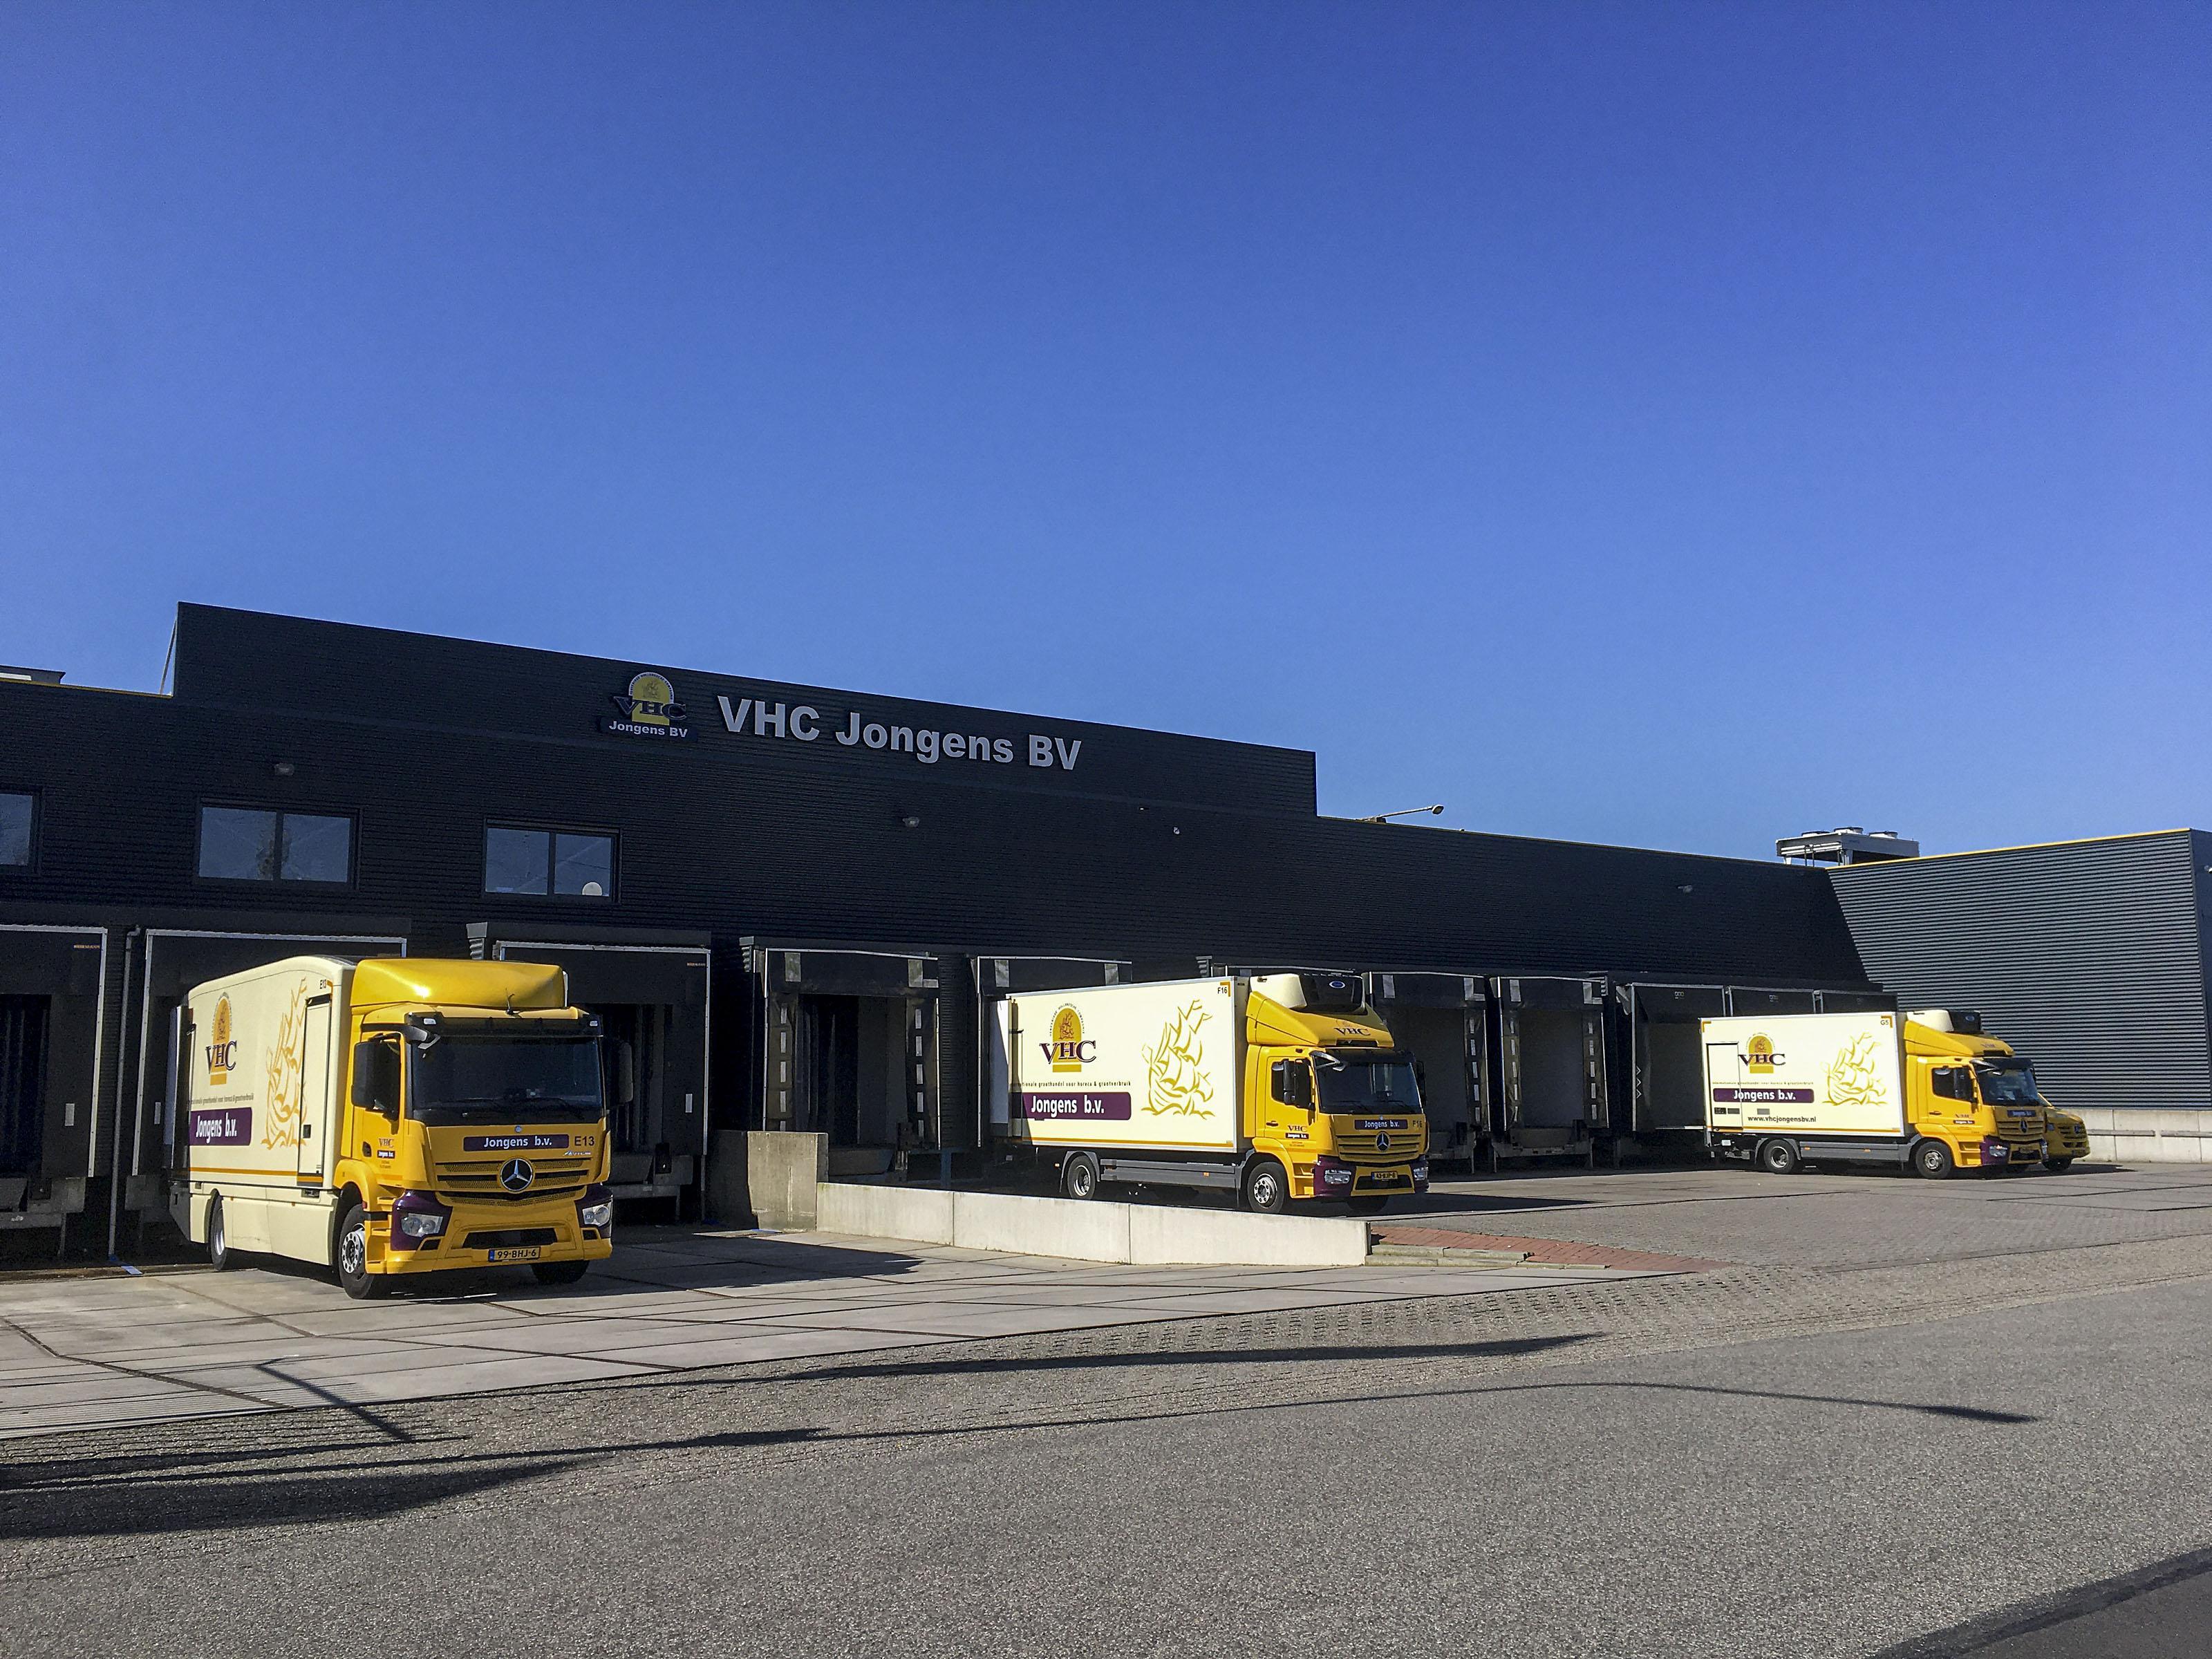 Horecagroothandel VHC Jongens in Oostzaan ook open voor consument, druk op supermarkten verlagen